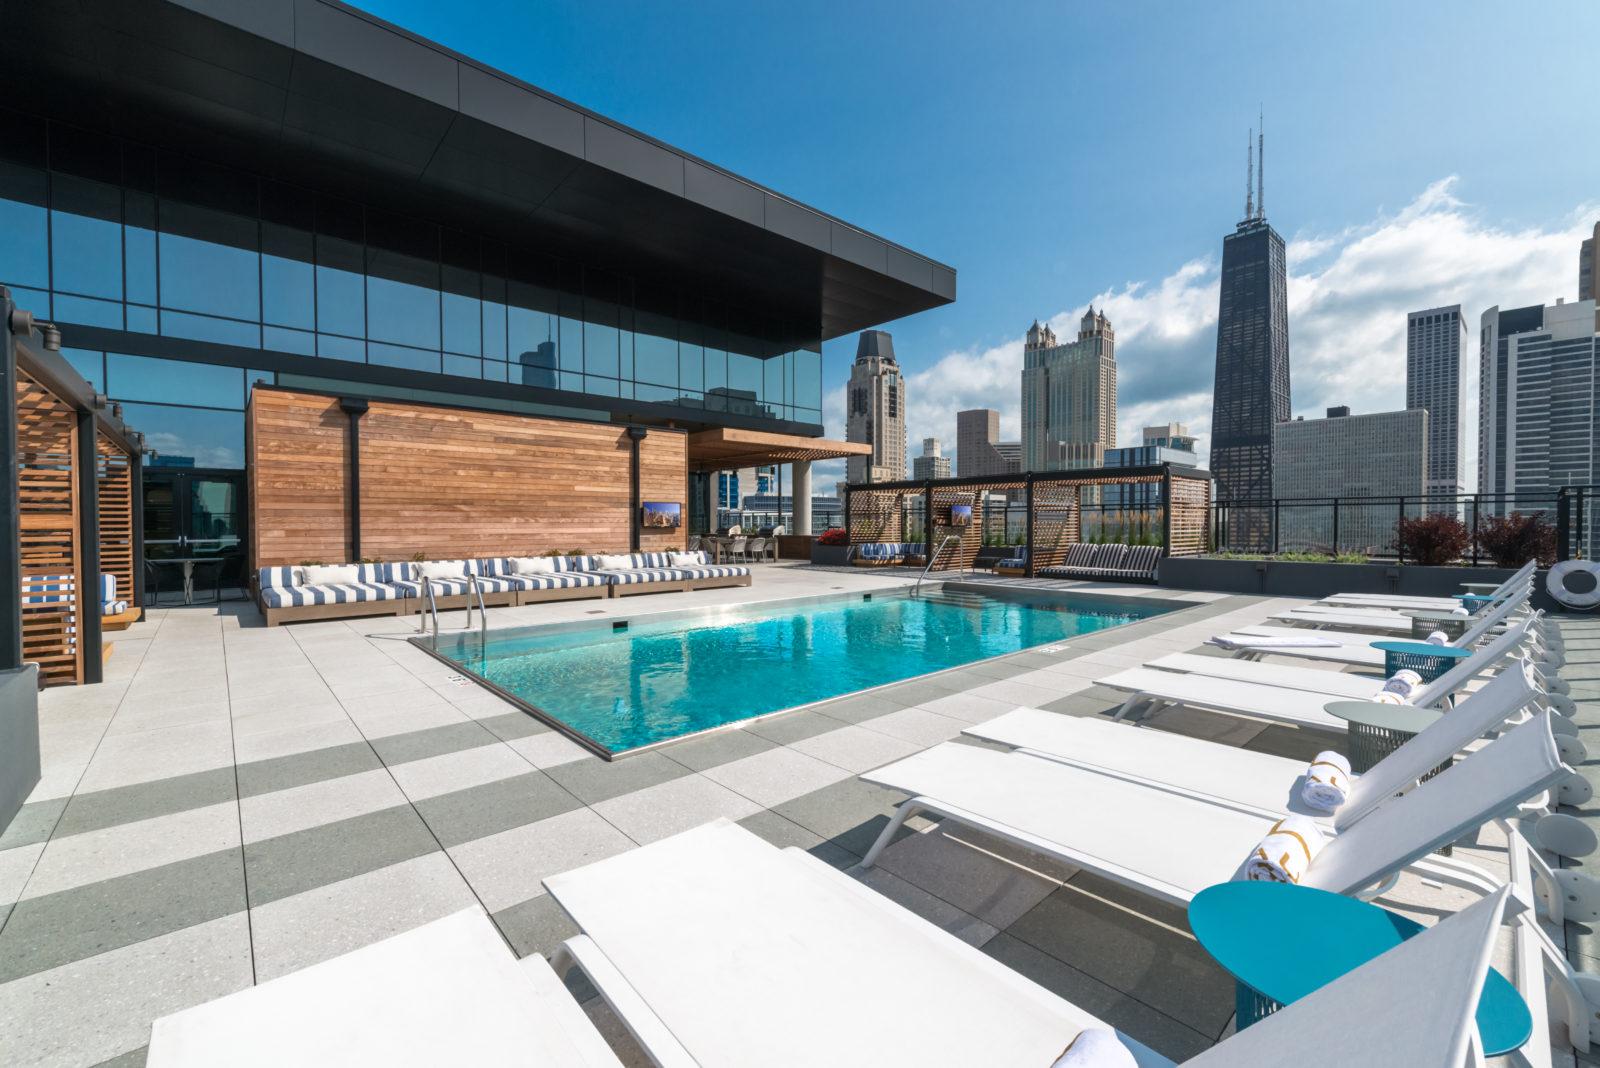 Aur 233 Lien Chicago Apartments Photos Of Amenities Amp Apartments